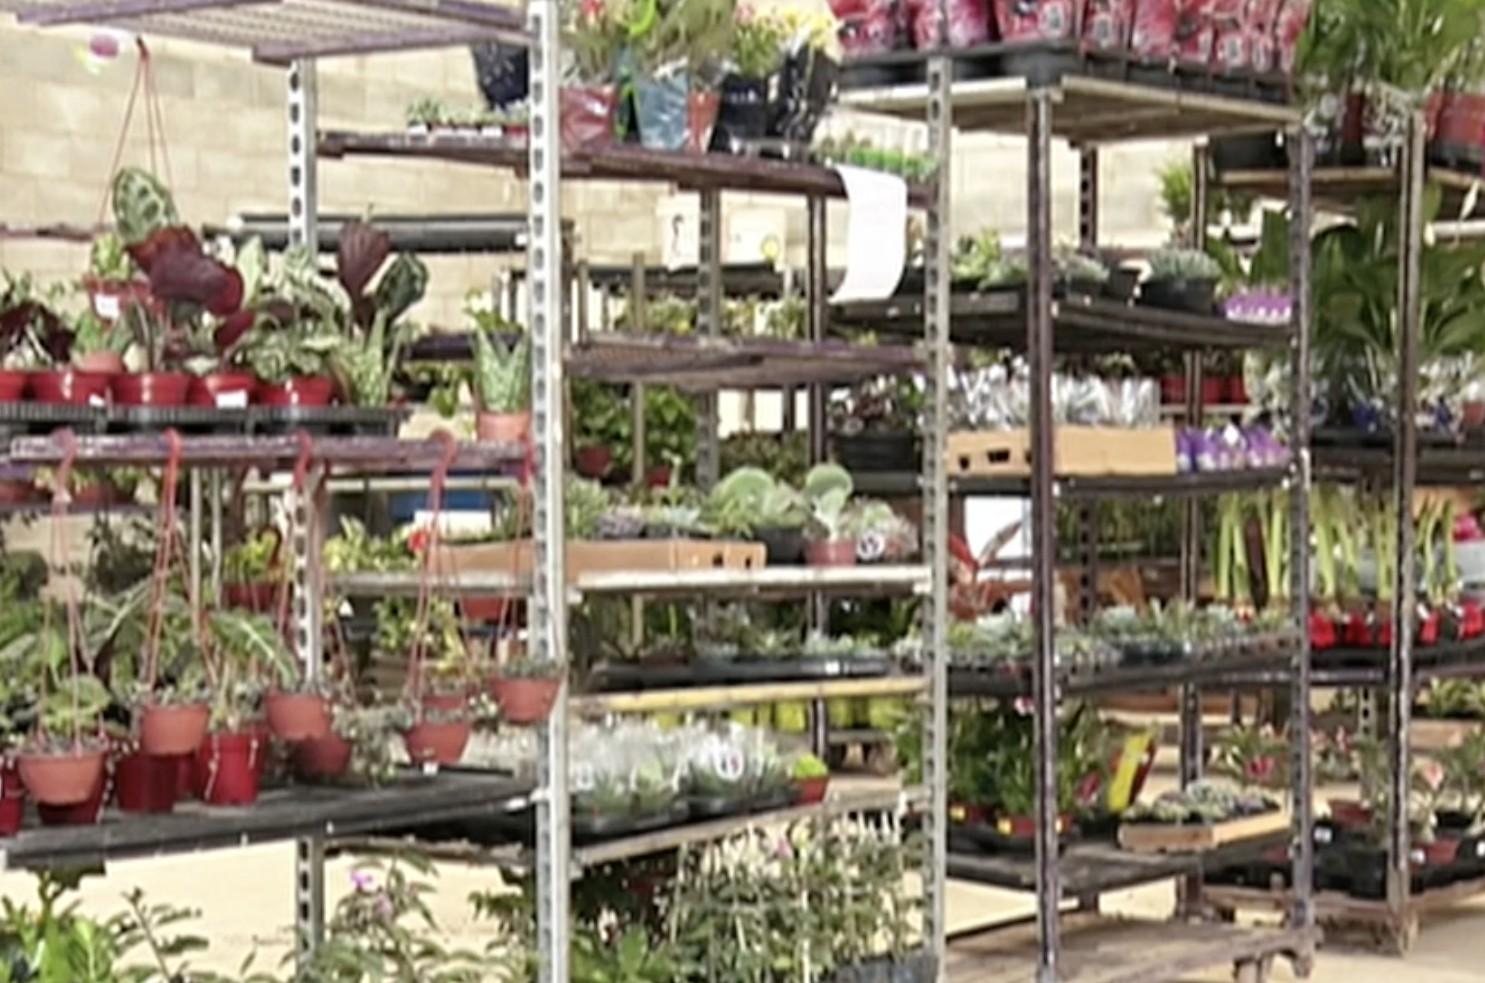 Sem eventos, produtores de flores em Gravatá acumulam prejuízos que podem chegar até R$ 1 milhão